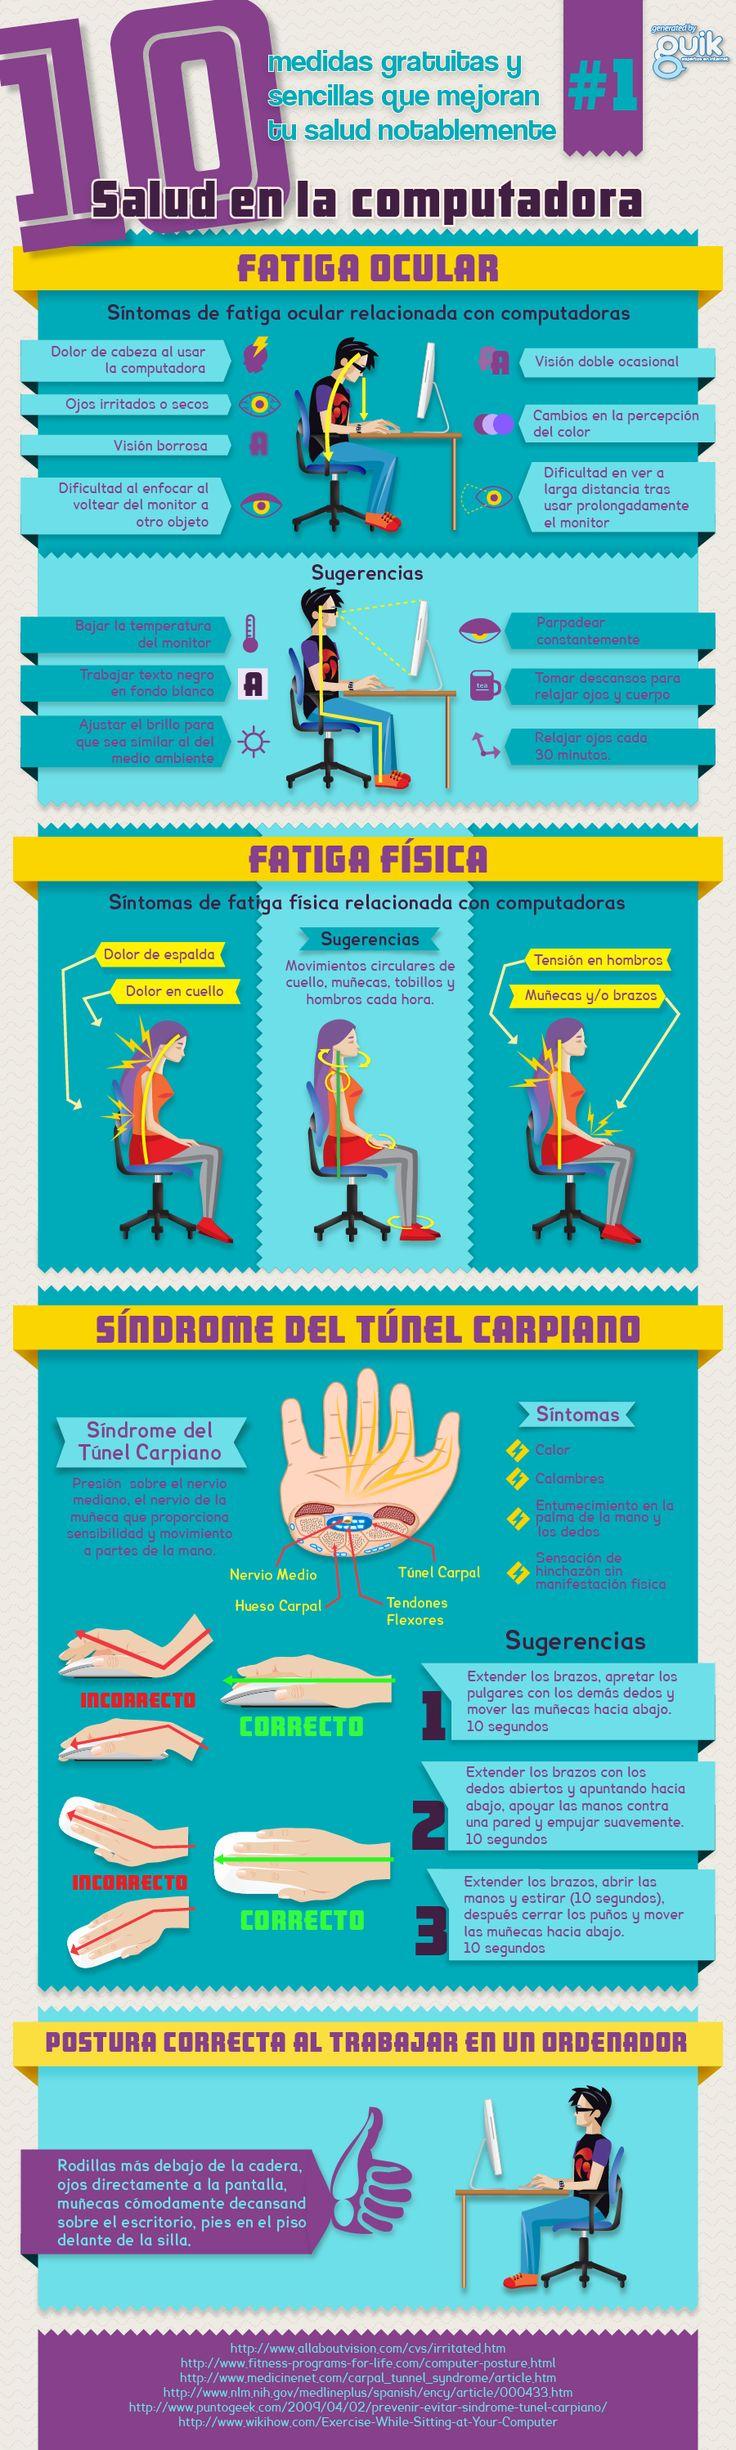 Salud en la computadora - 10 Maneras de Mejorar tu Salud